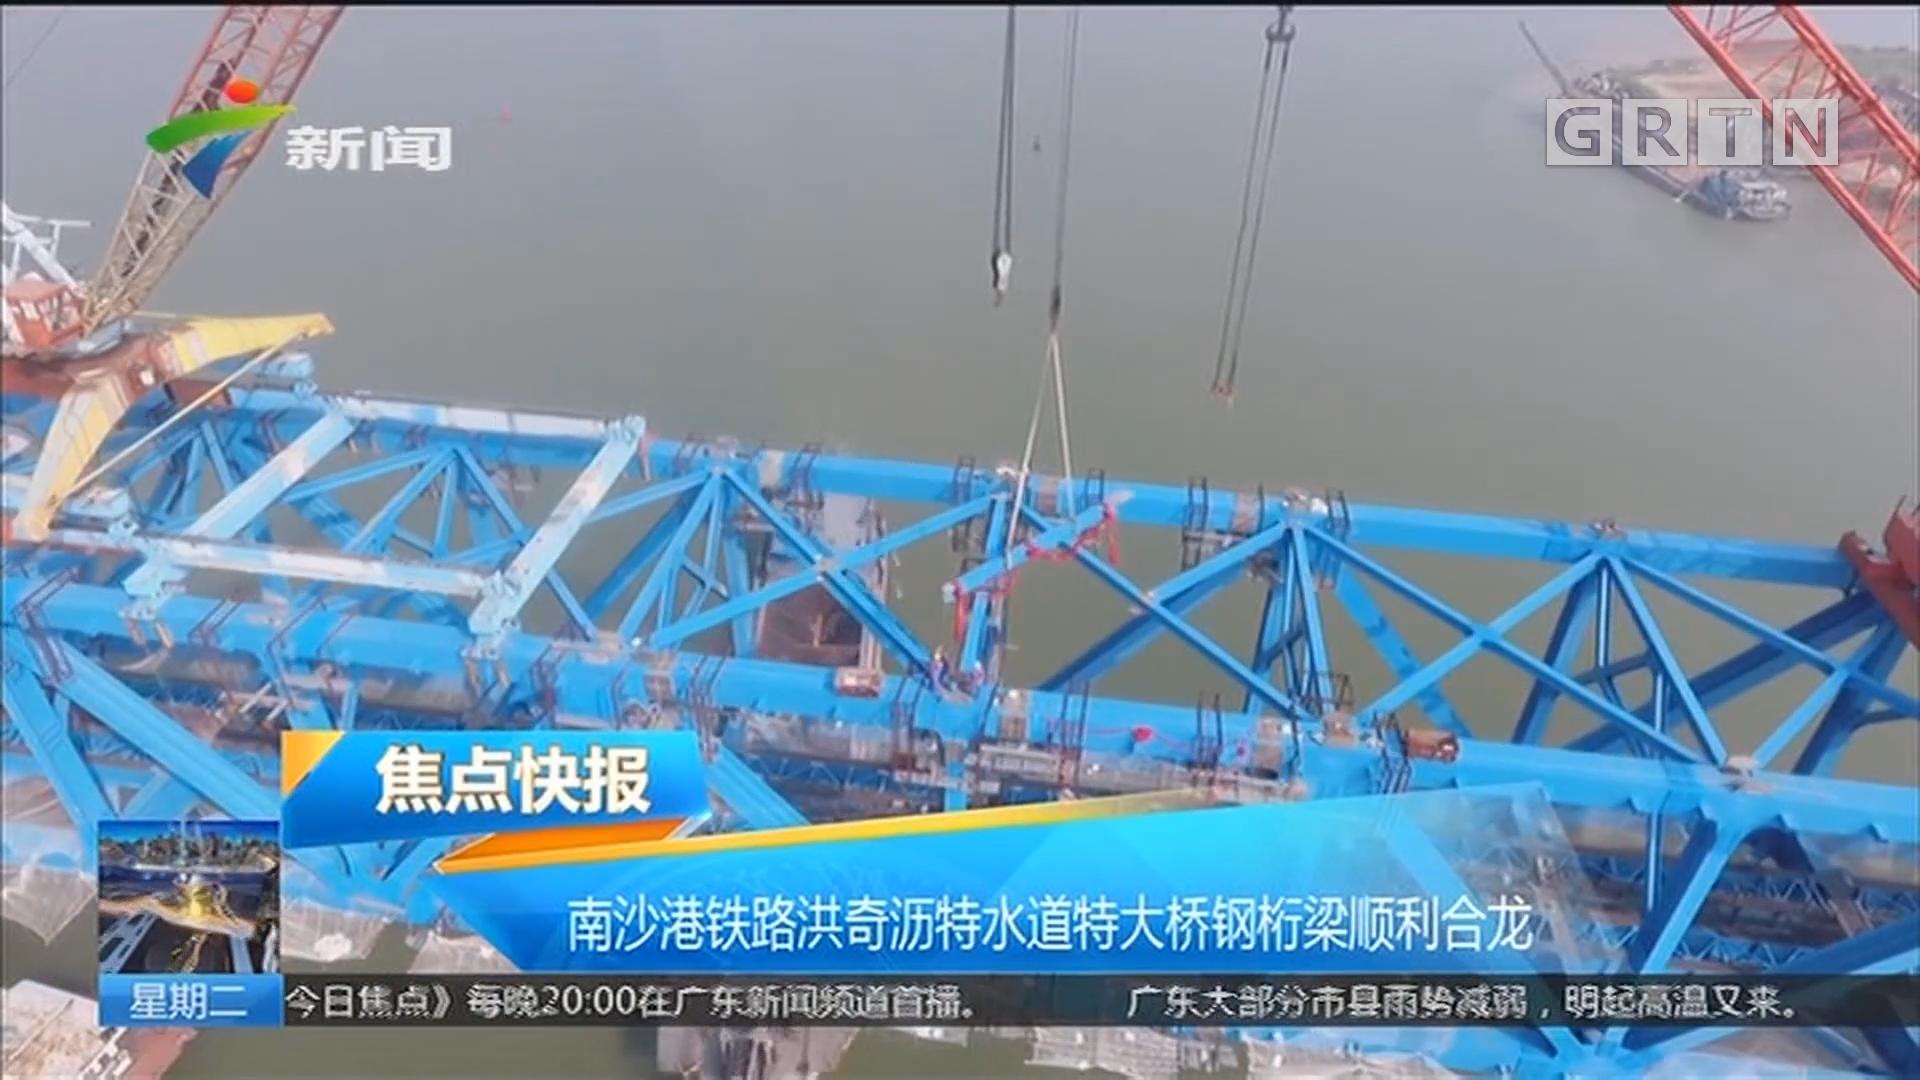 南沙港铁路洪奇沥特水道特大桥钢桁梁顺利合龙